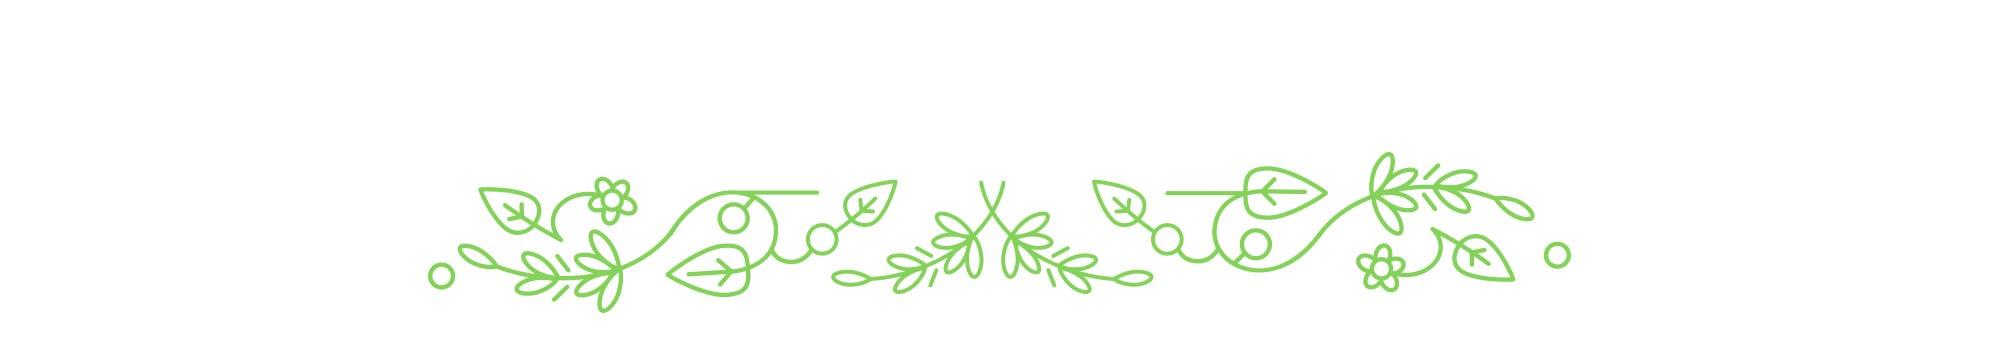 Diseño de elementos florales decorativos empleados en las aplicaciones de marca